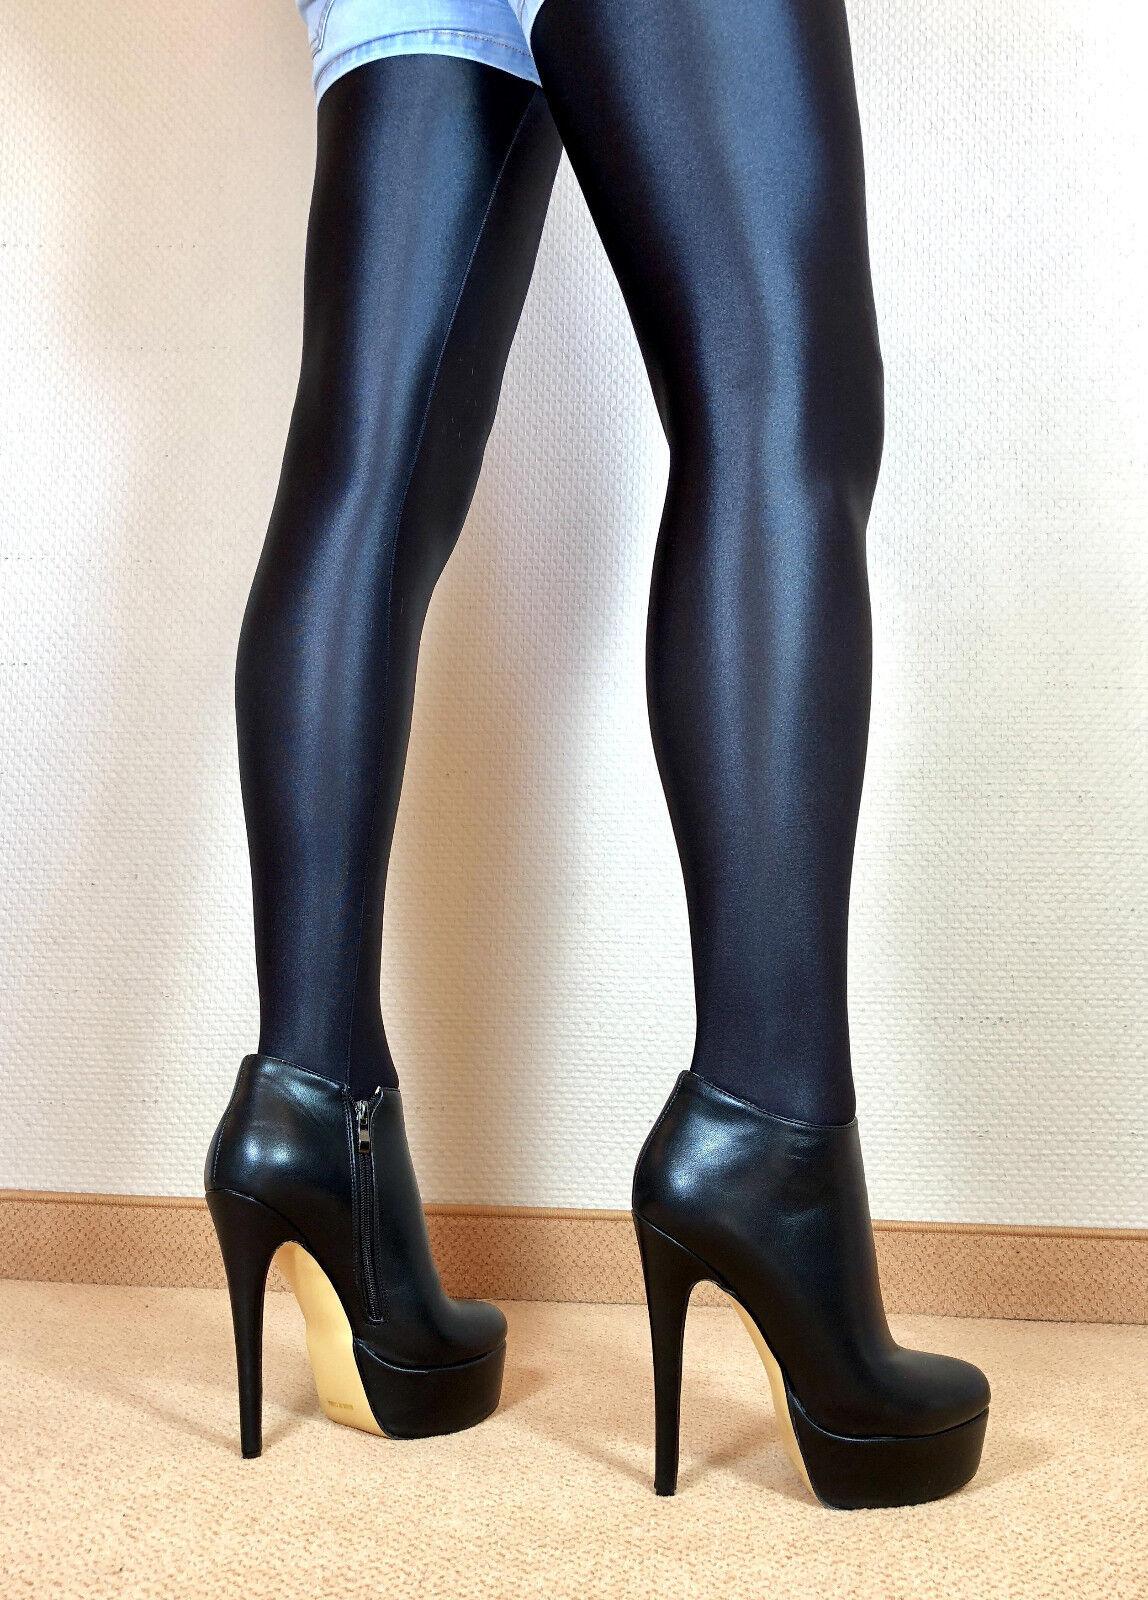 en exclusiva sexy tacón alto zapatos señora Stiletto Booties mujers botas f2